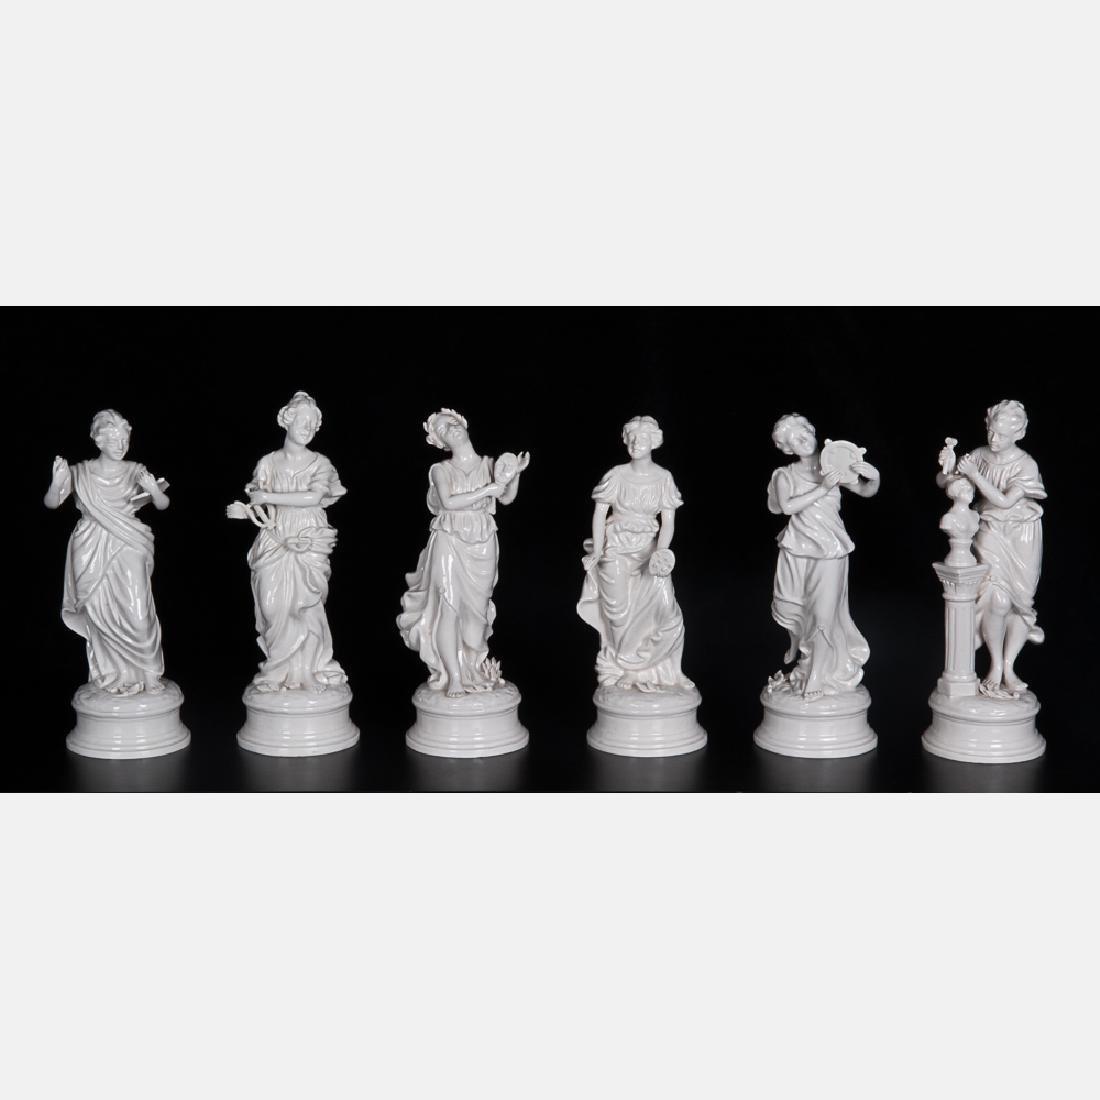 A Capodimonte Blanc de Chine Porcelain Table - 3